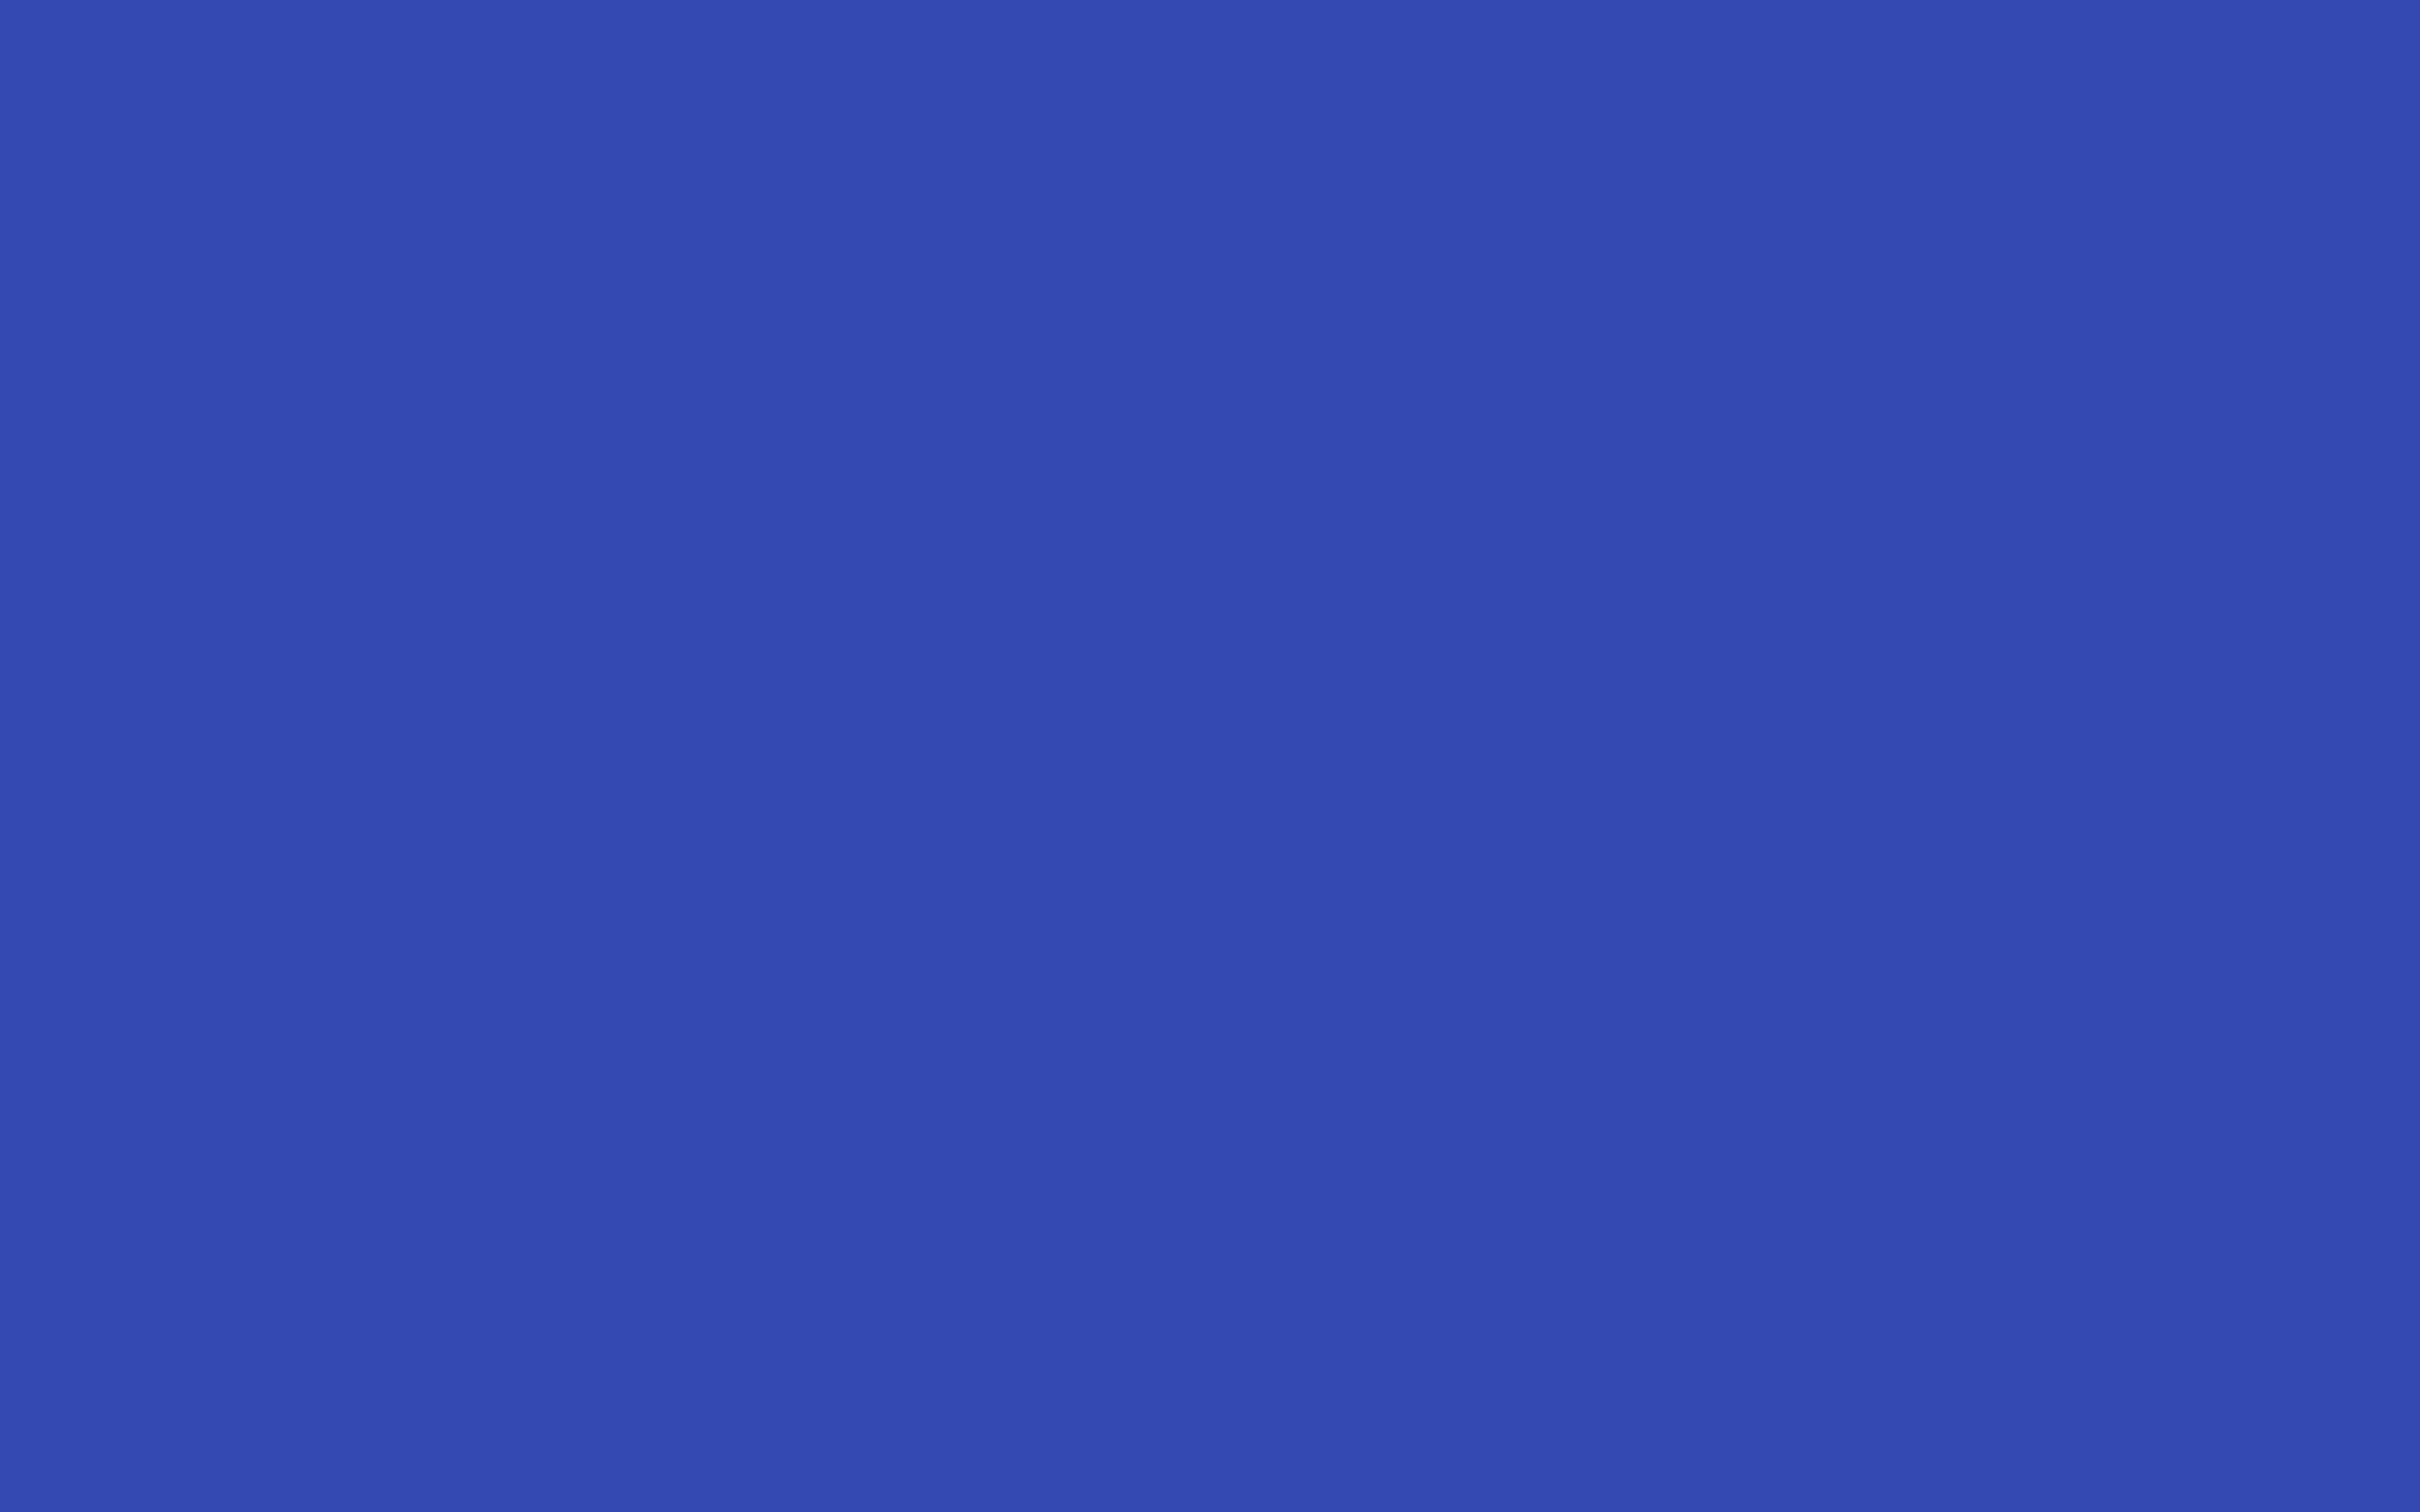 2560x1600 Violet-blue Solid Color Background